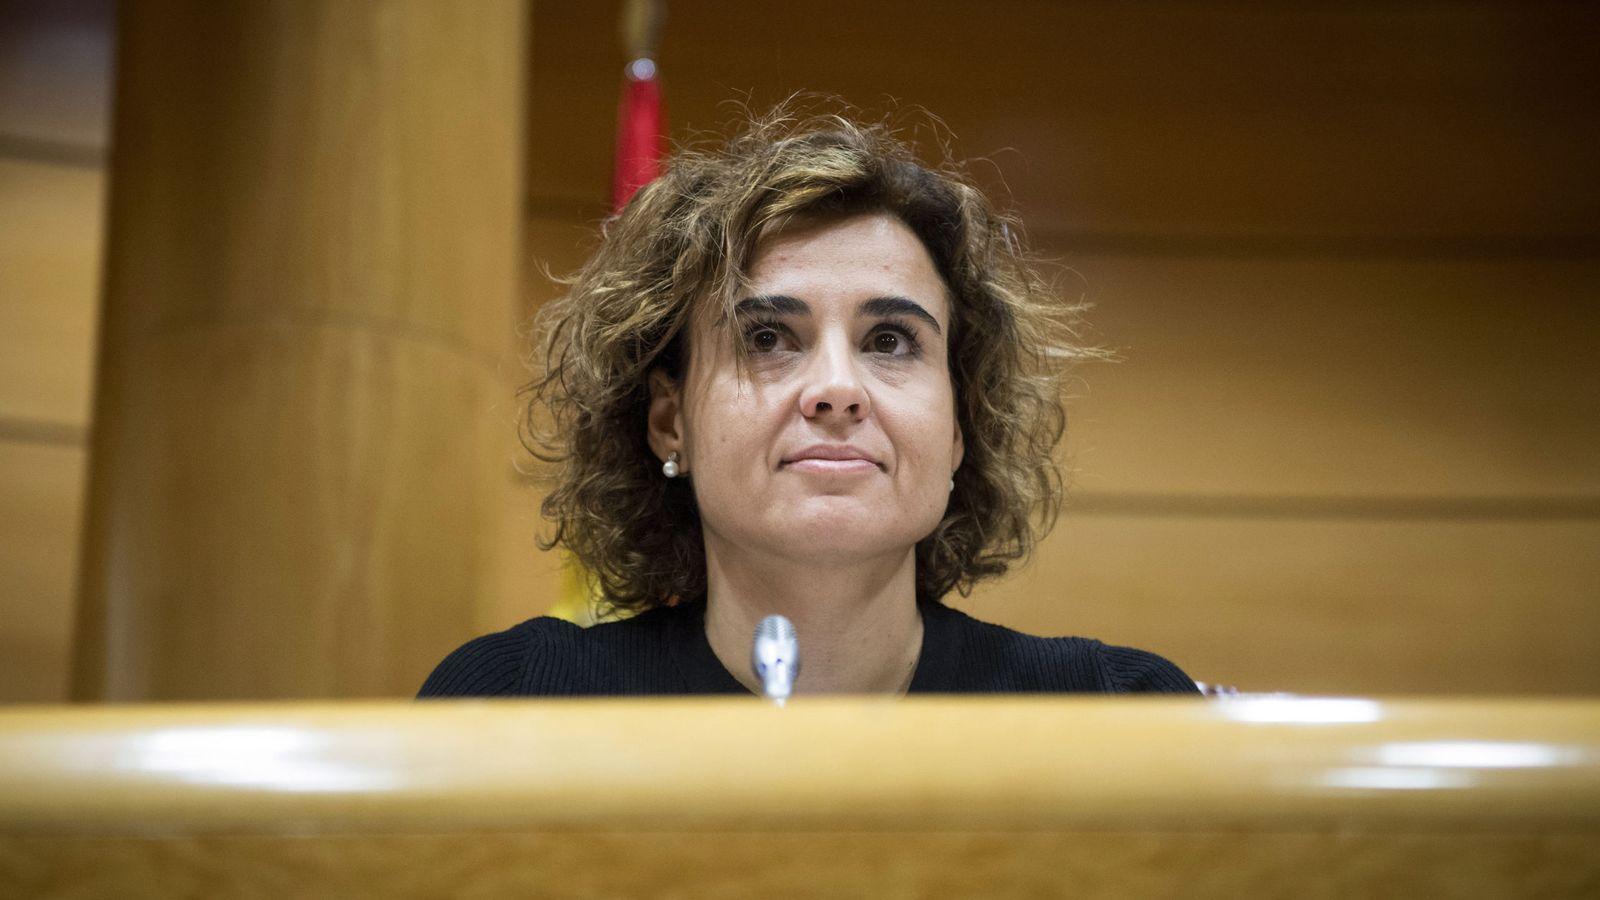 Foto: Dolors Montserrat, Ministra de Sanidad, Servicios Sociales e Igualdad, podría hacer realidad la aplicación del Convenio de Estambul a la Ley español. (EFE)